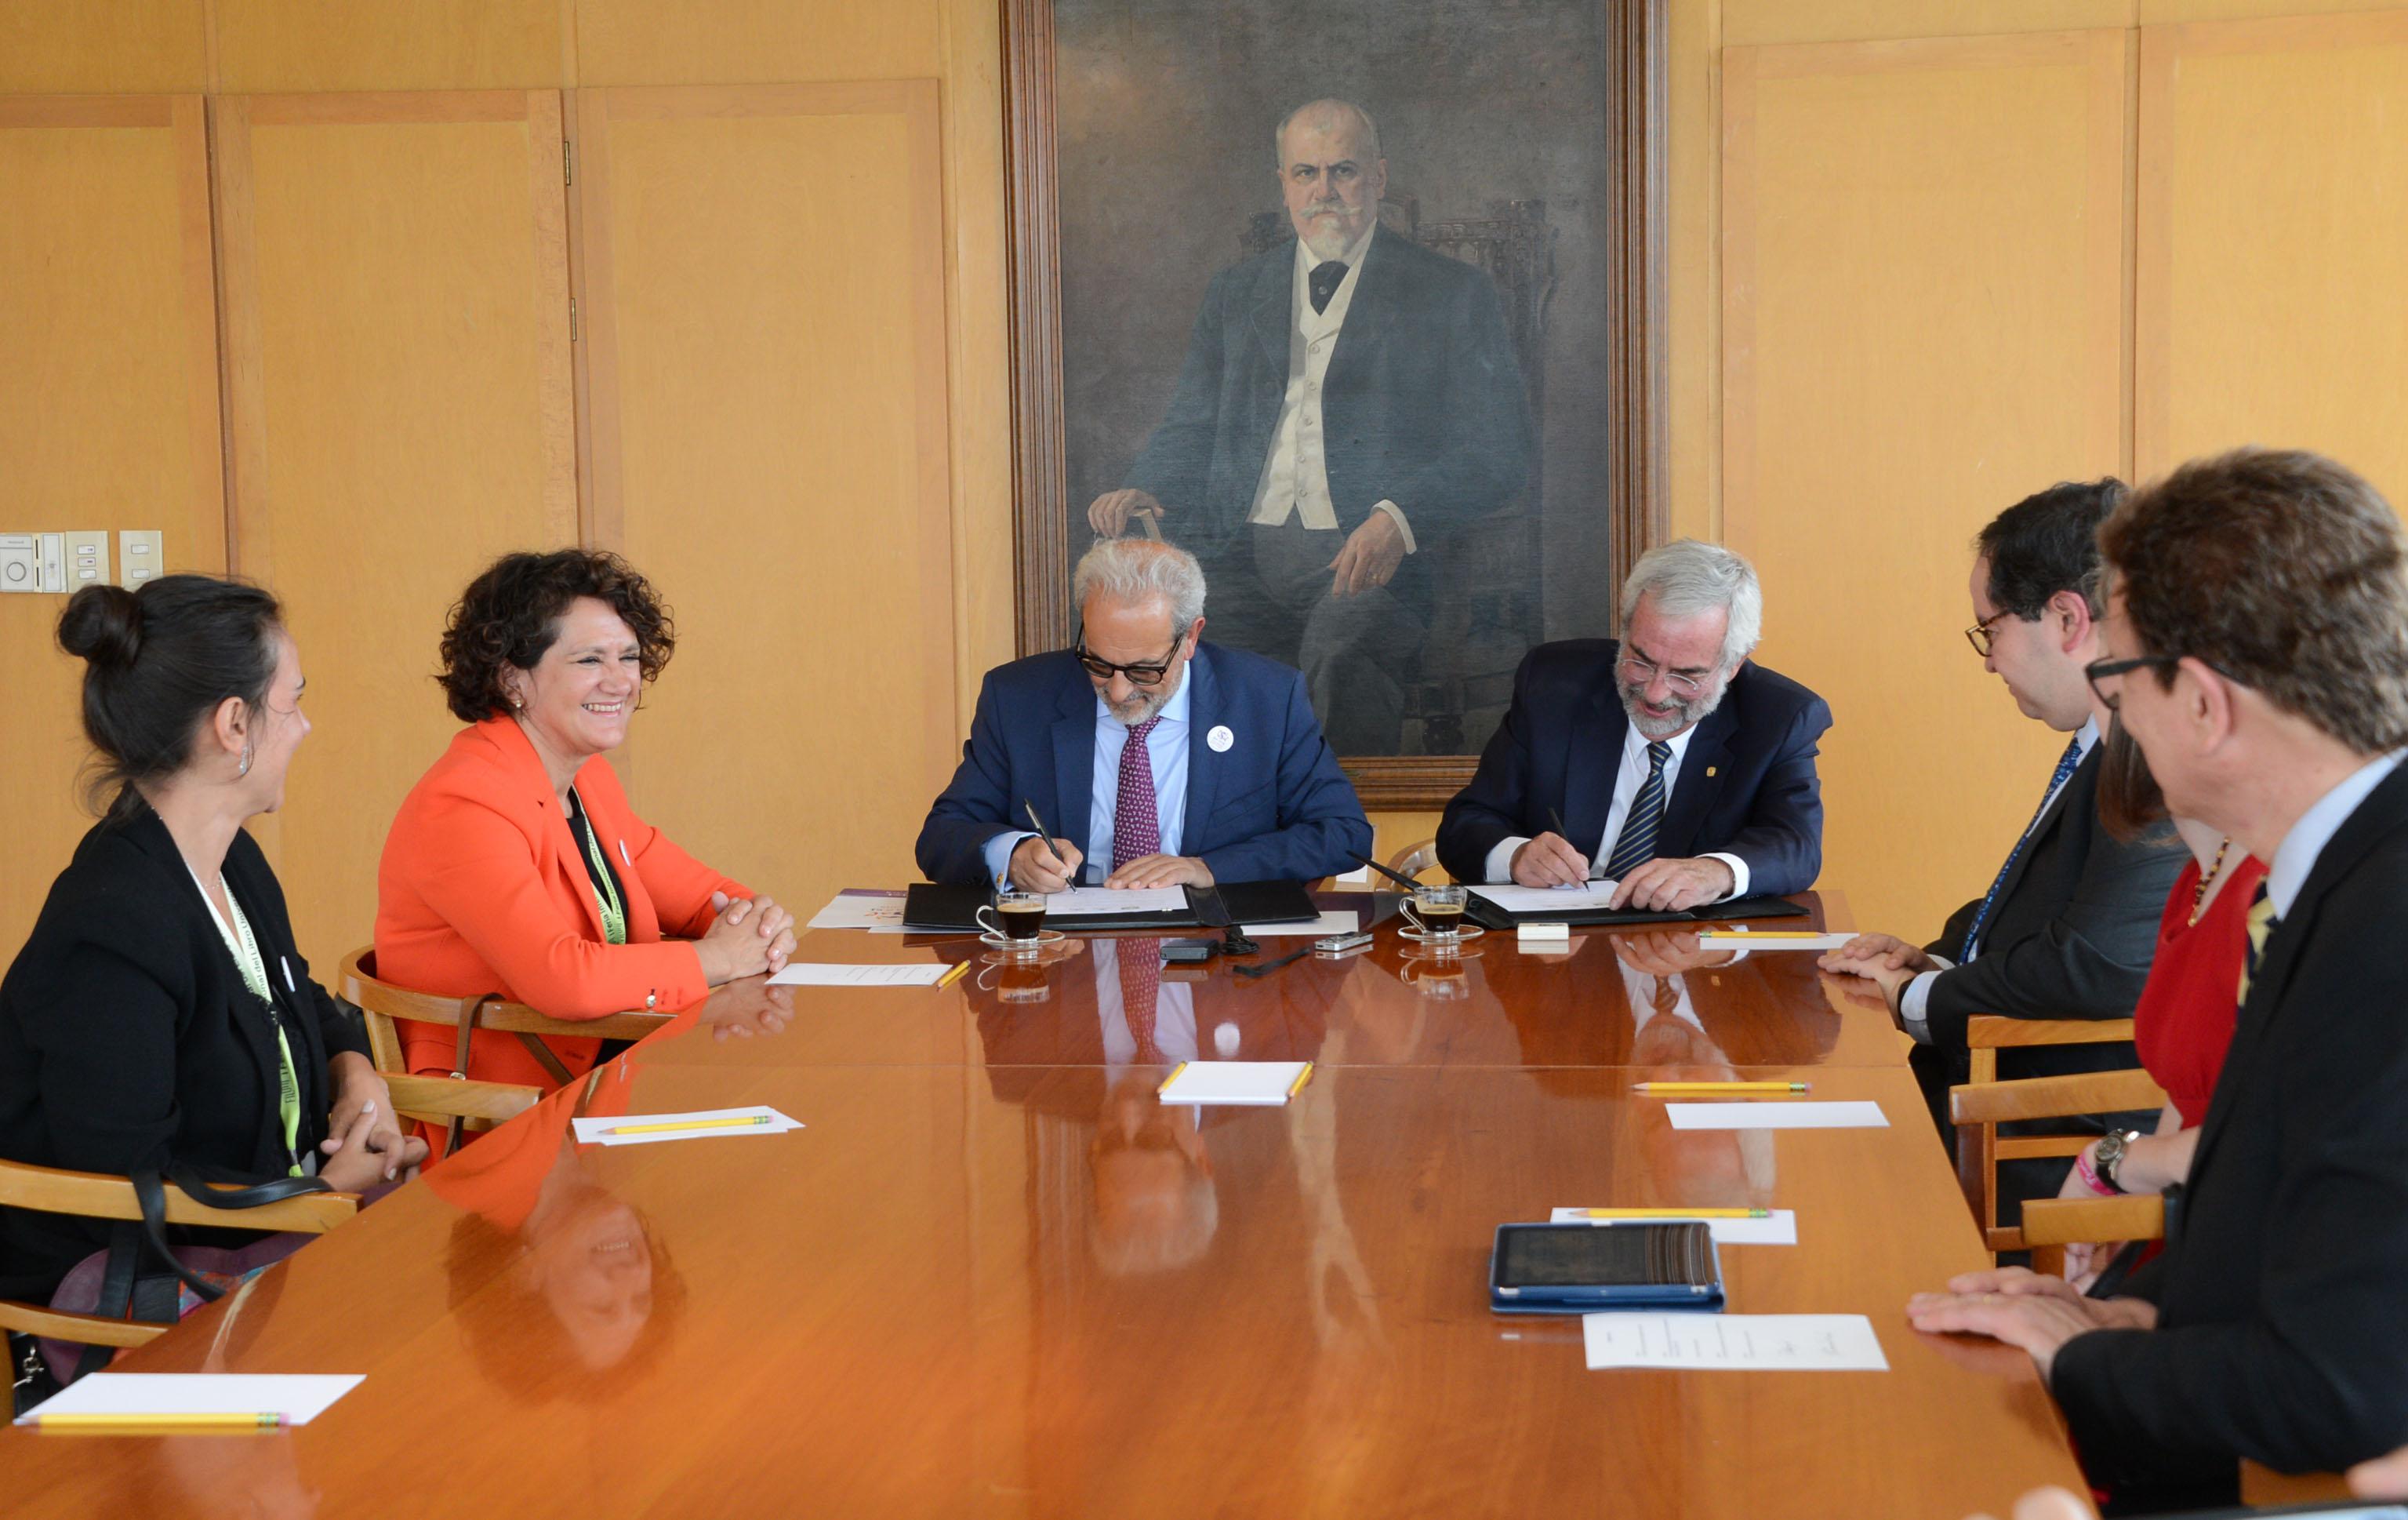 Los rectores de la USAL y UNAM firman un convenio de colaboración en la Rectoría.